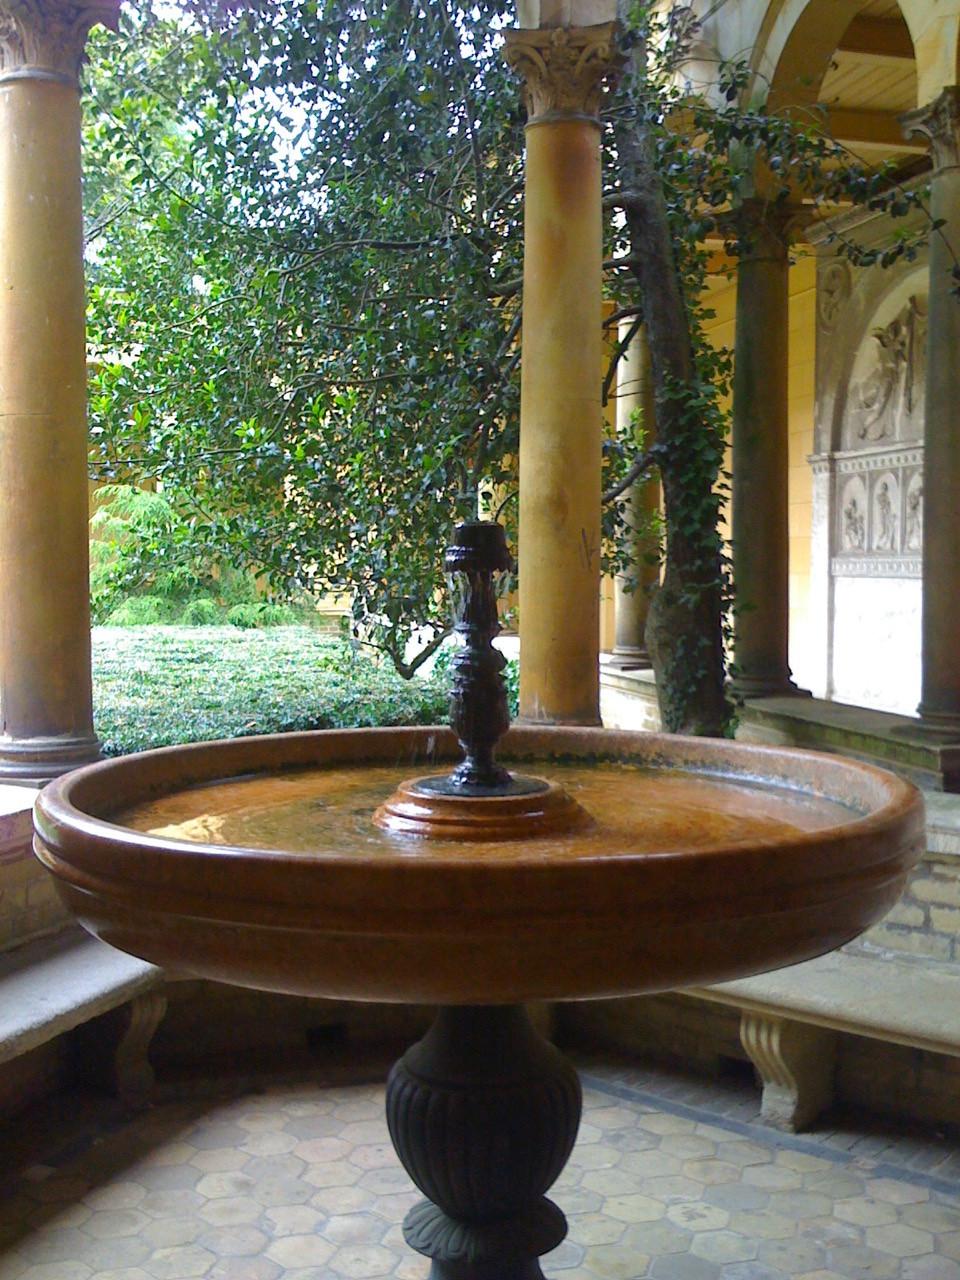 Ein alter kleiner Springbrunne von Säulen umgeben mit Blick ins Grüne